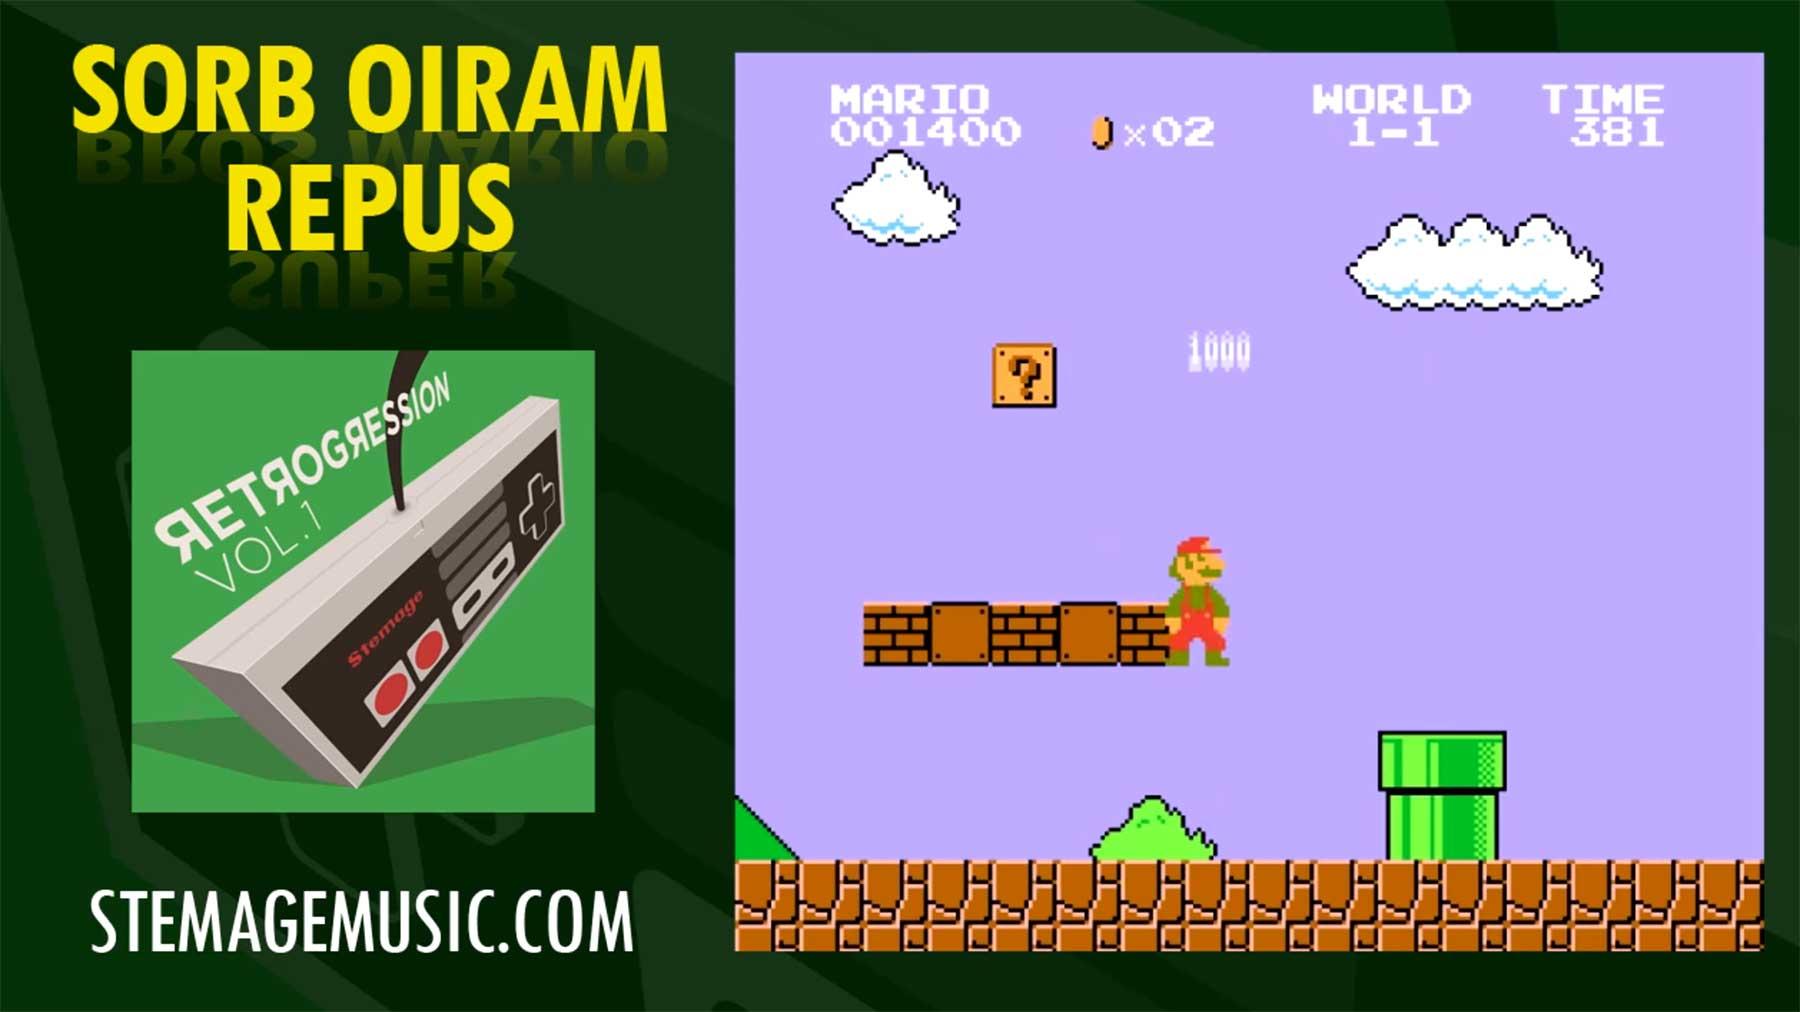 Rückwärts gespielte Videospielmelodien